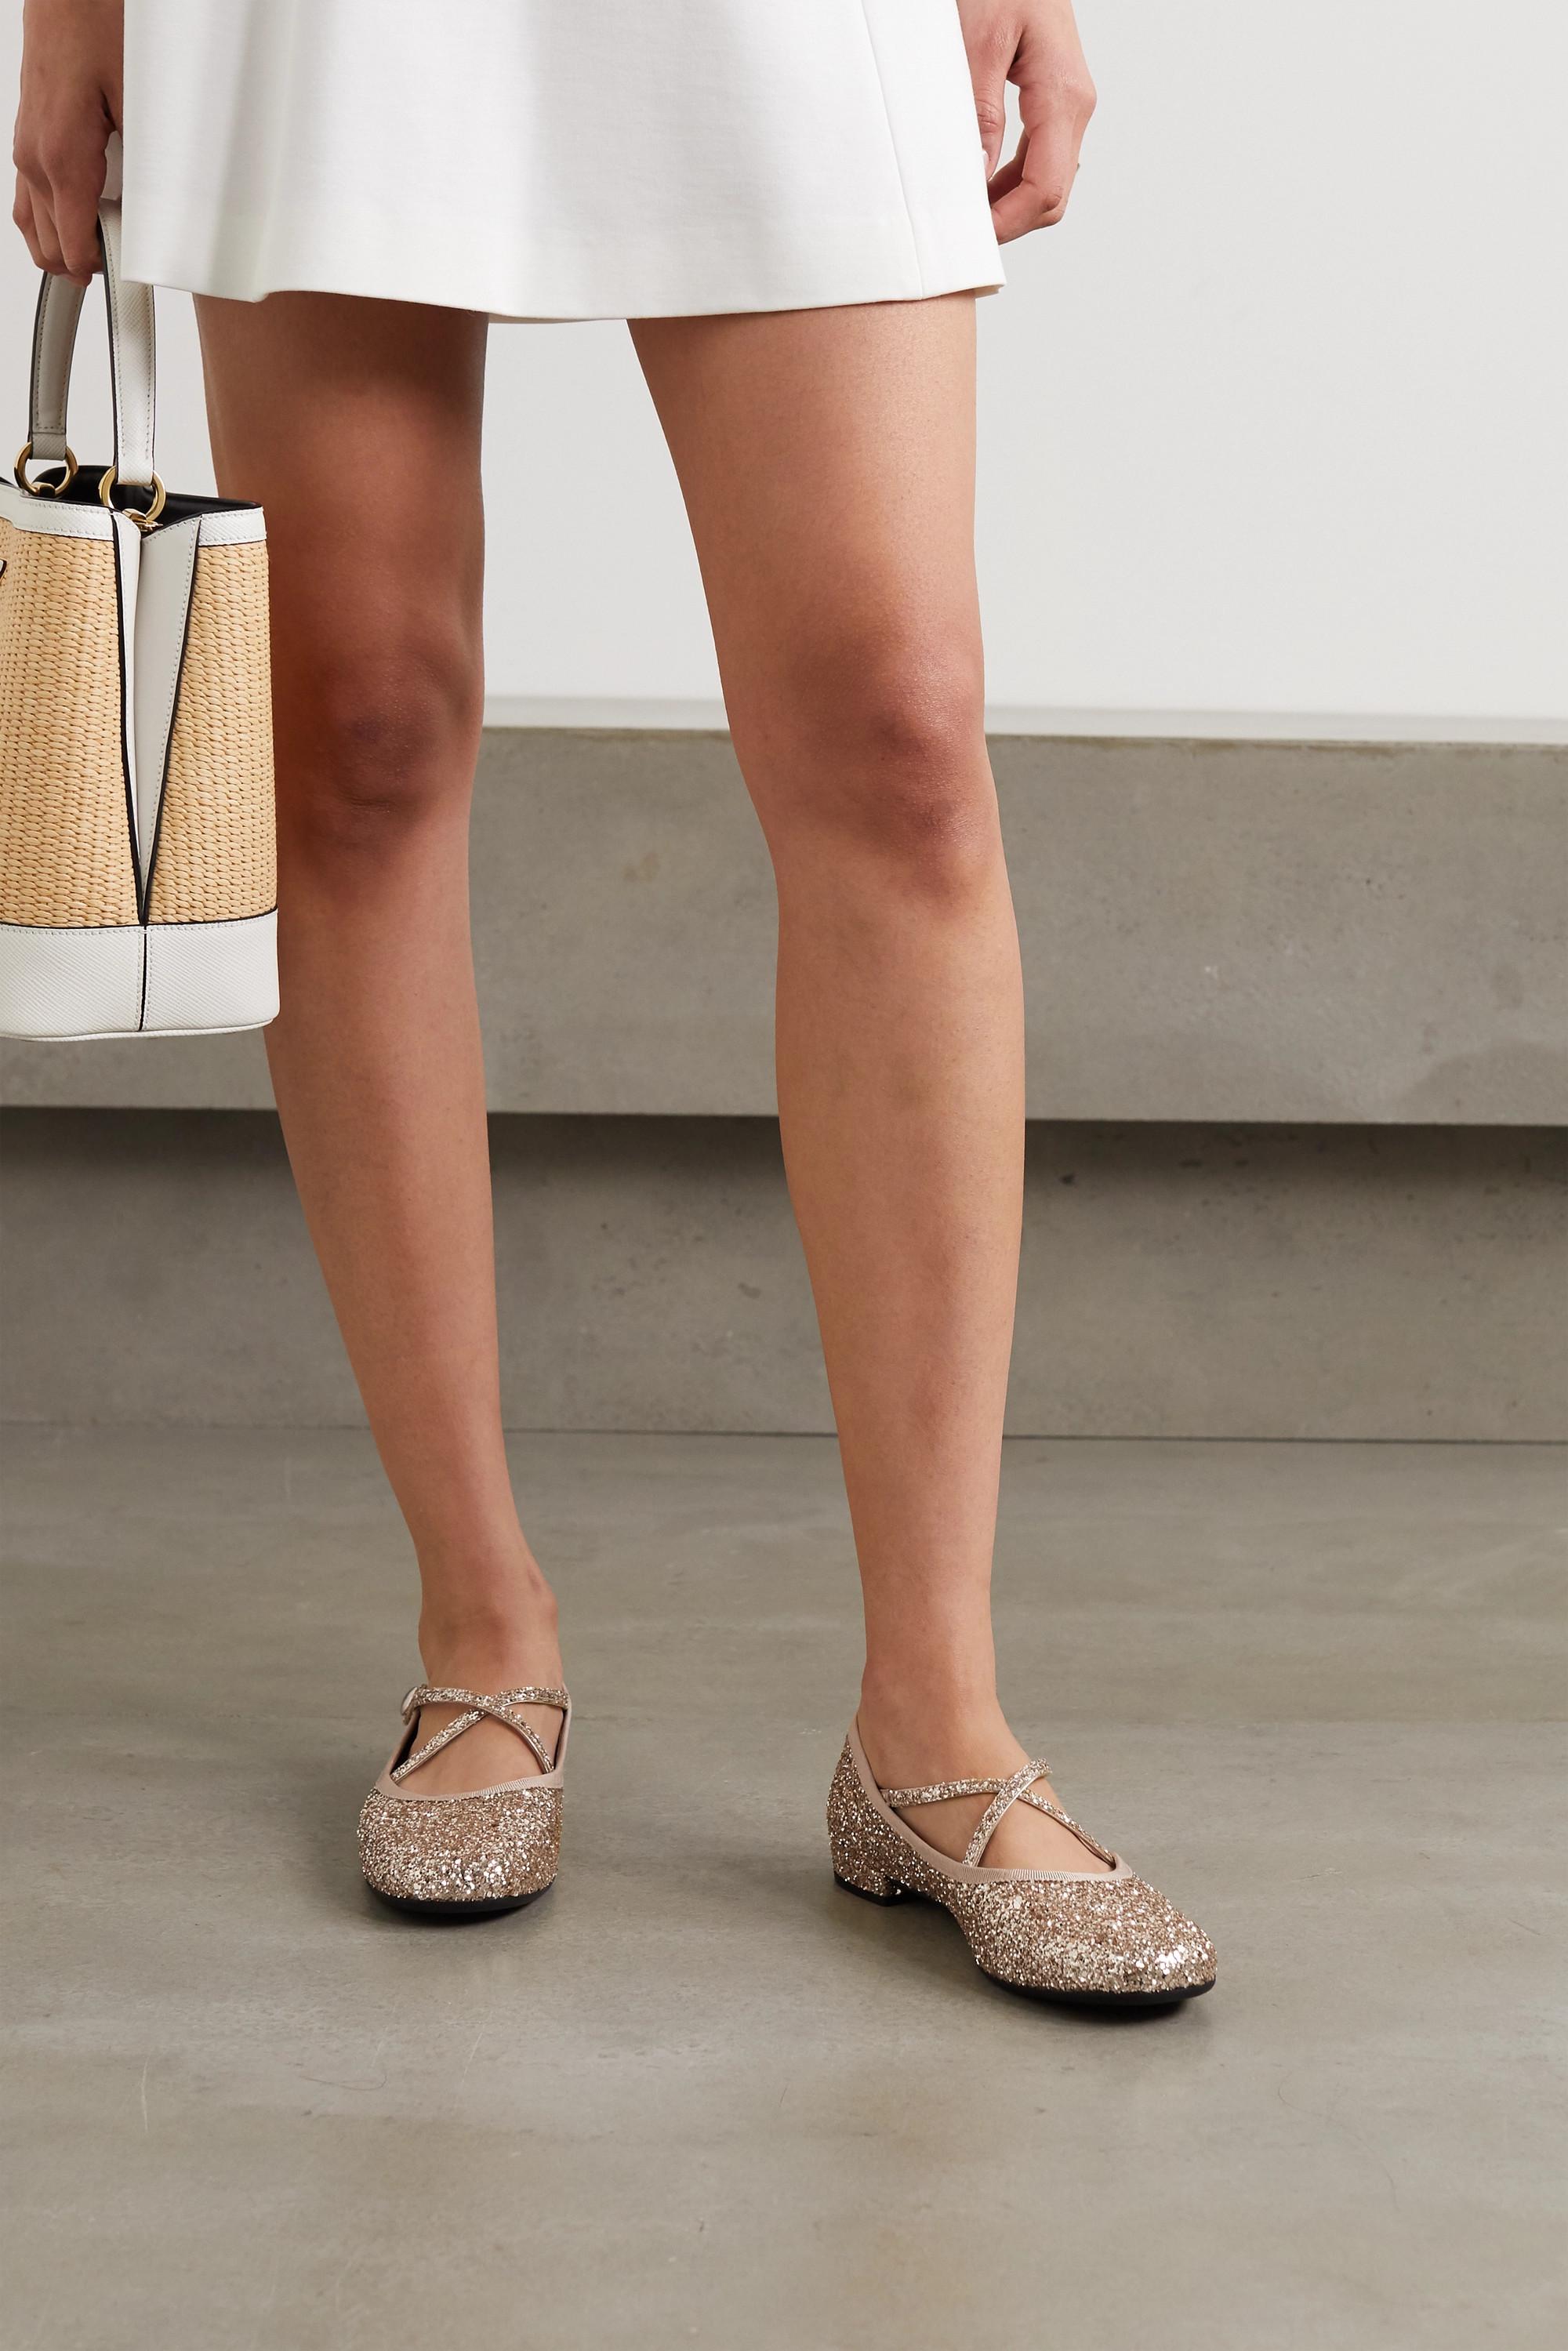 Miu Miu Glittered leather ballet flats